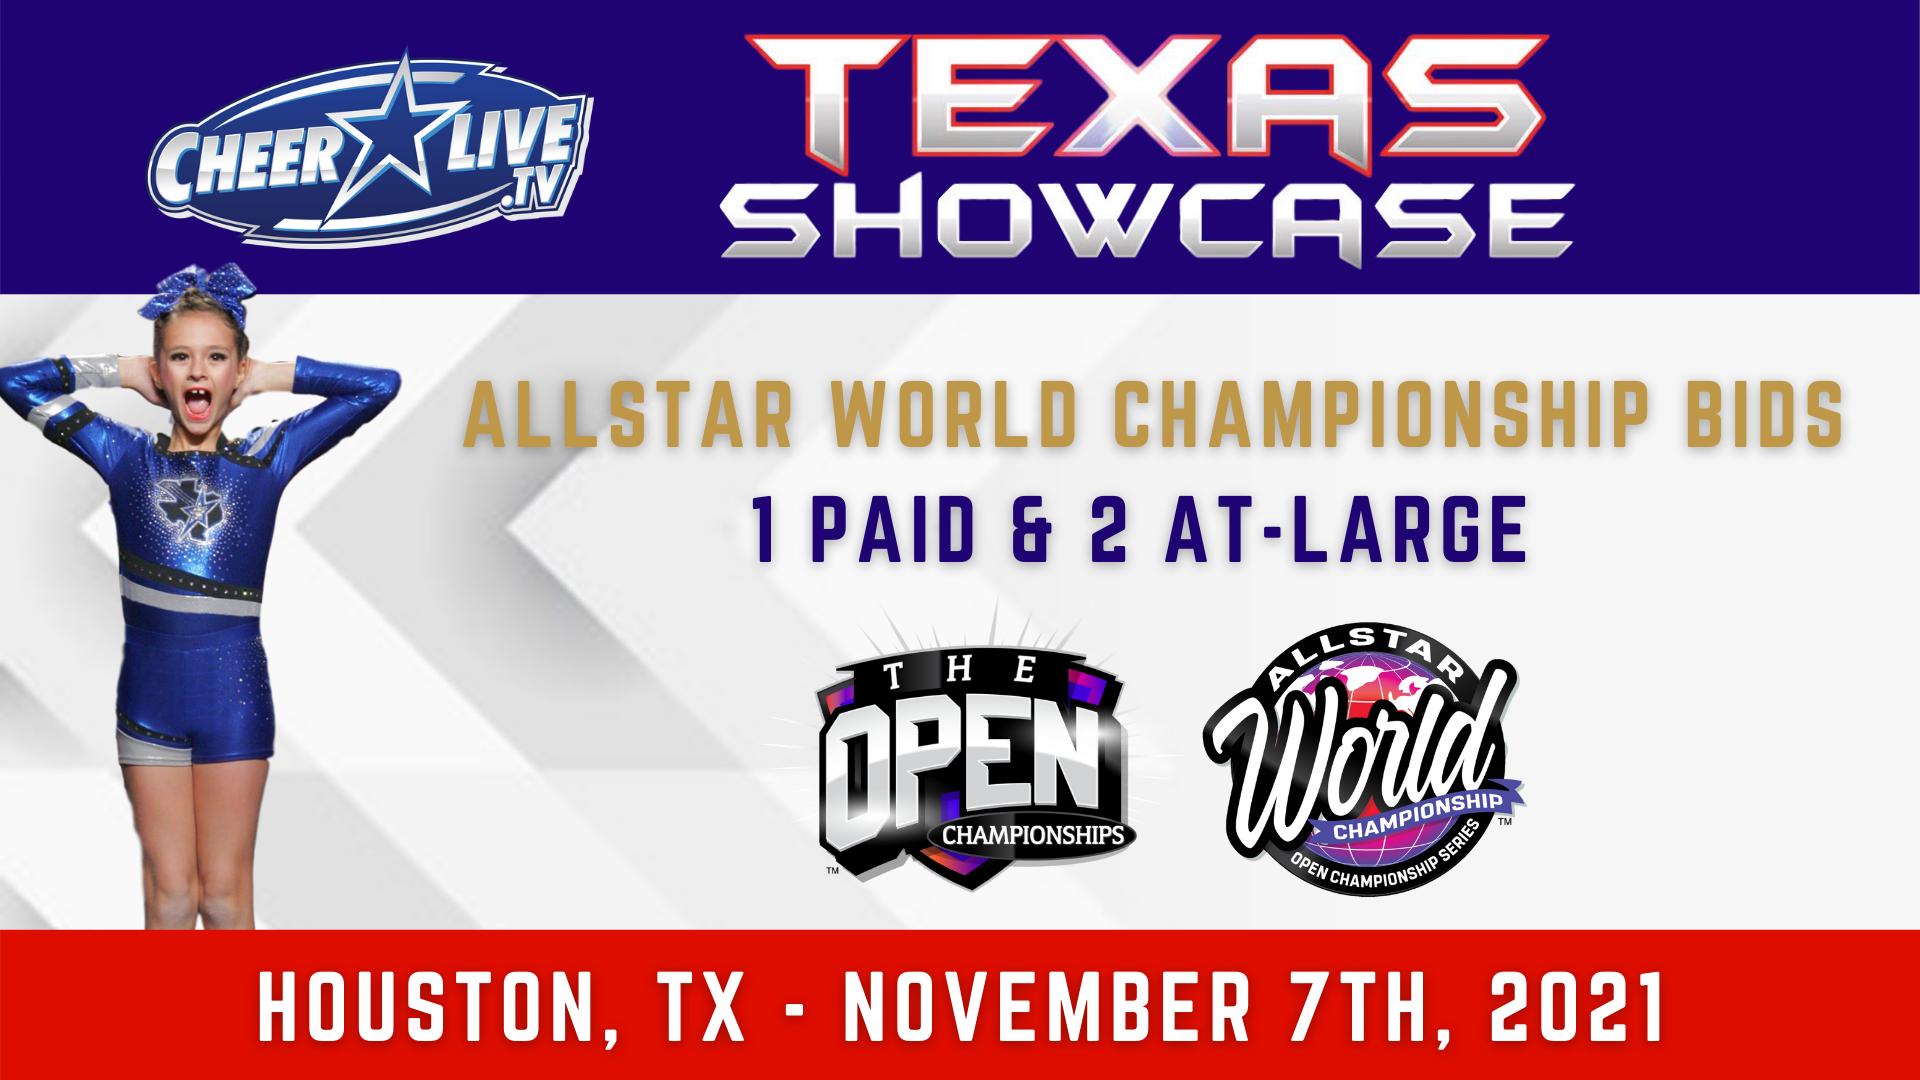 Copy-of-Texas-Showcase-2021-Social-Promo-4